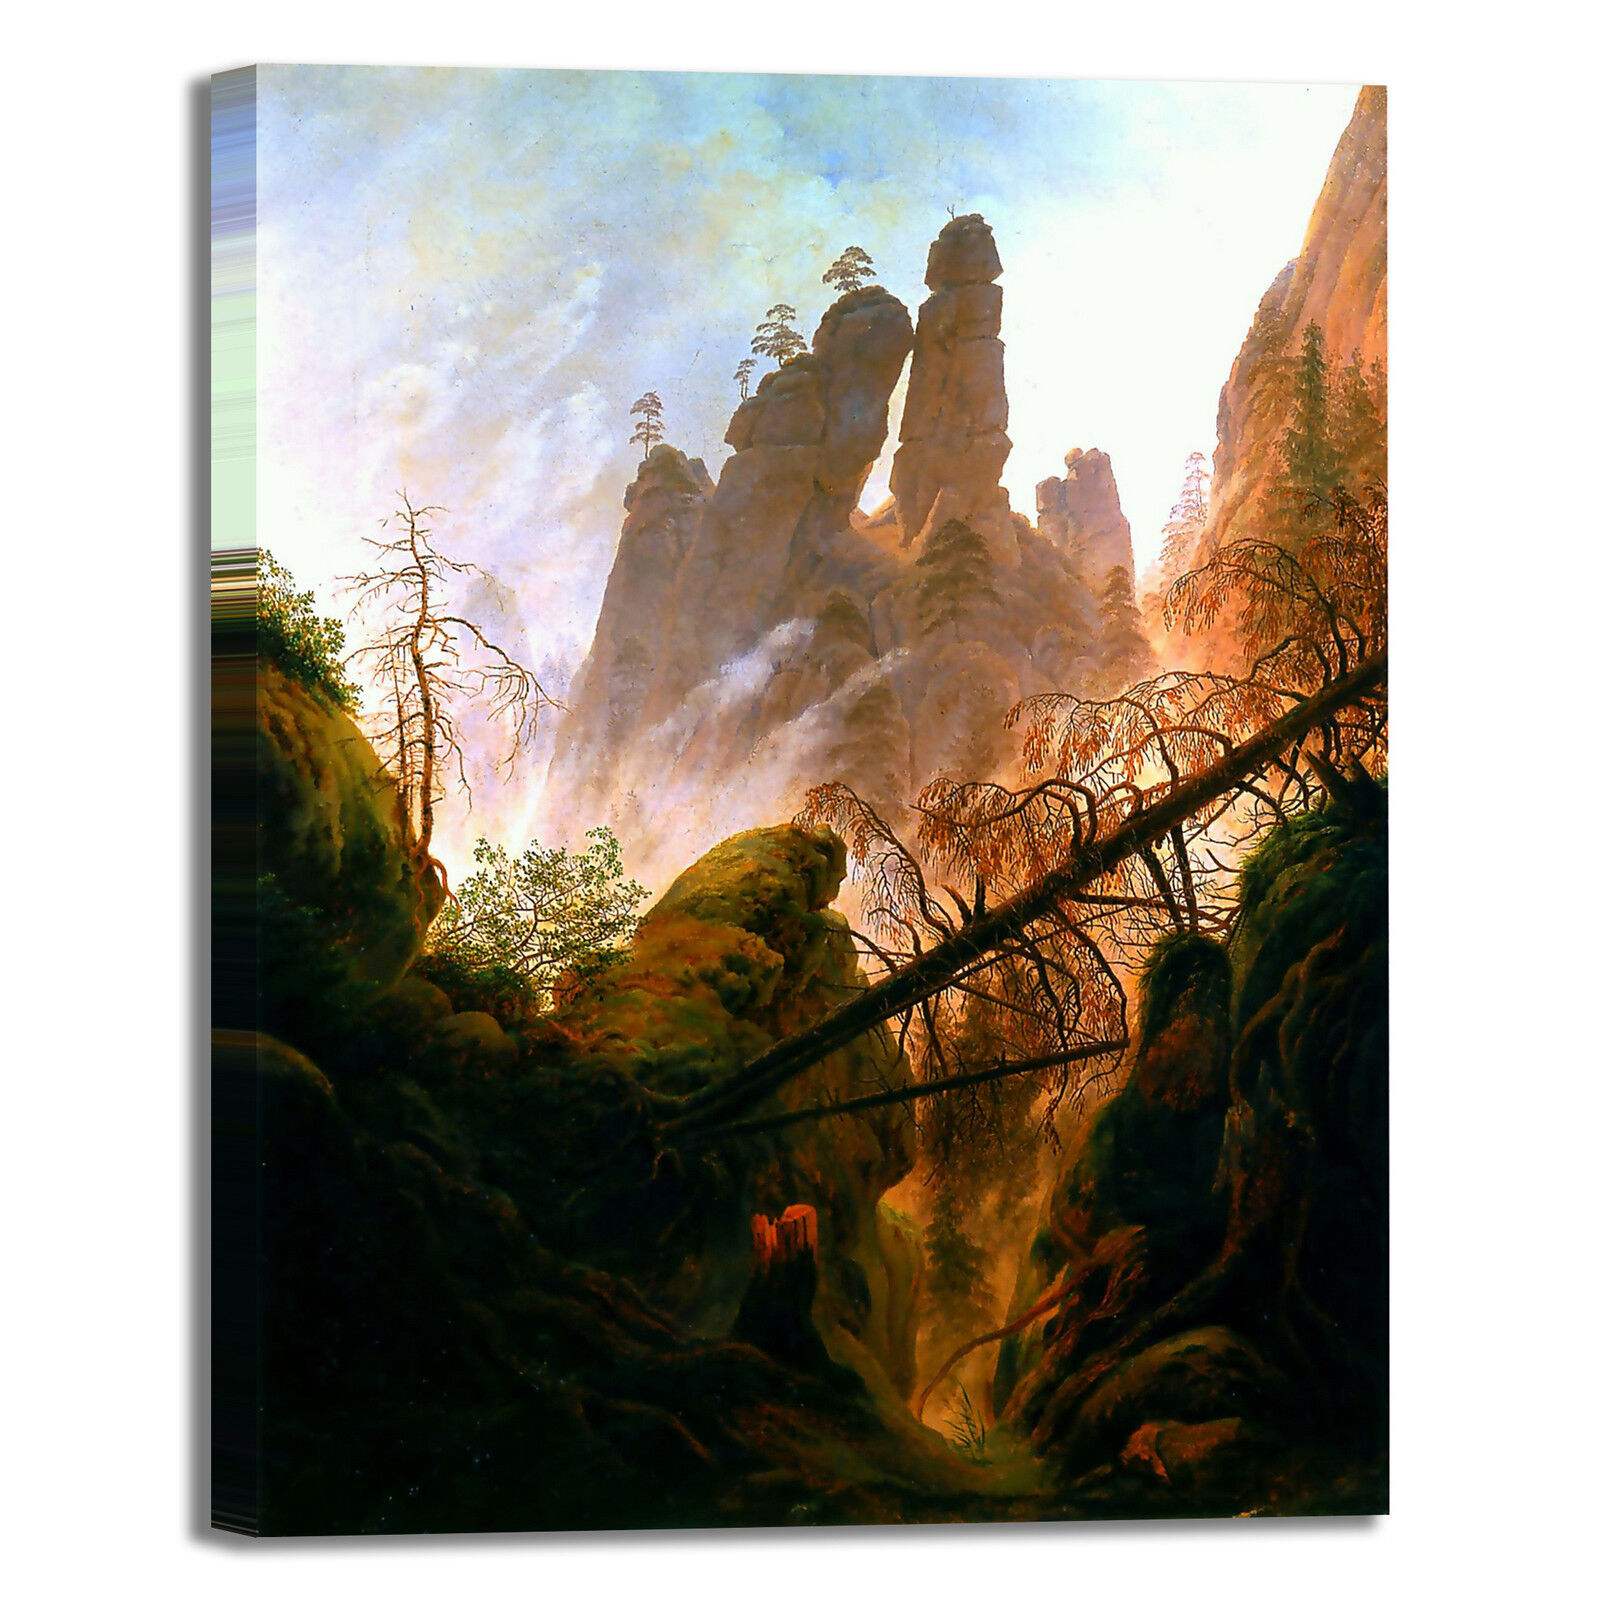 Caspar design gola rocciosa design Caspar quadro stampa tela dipinto telaio arRouge o casa 1ce701